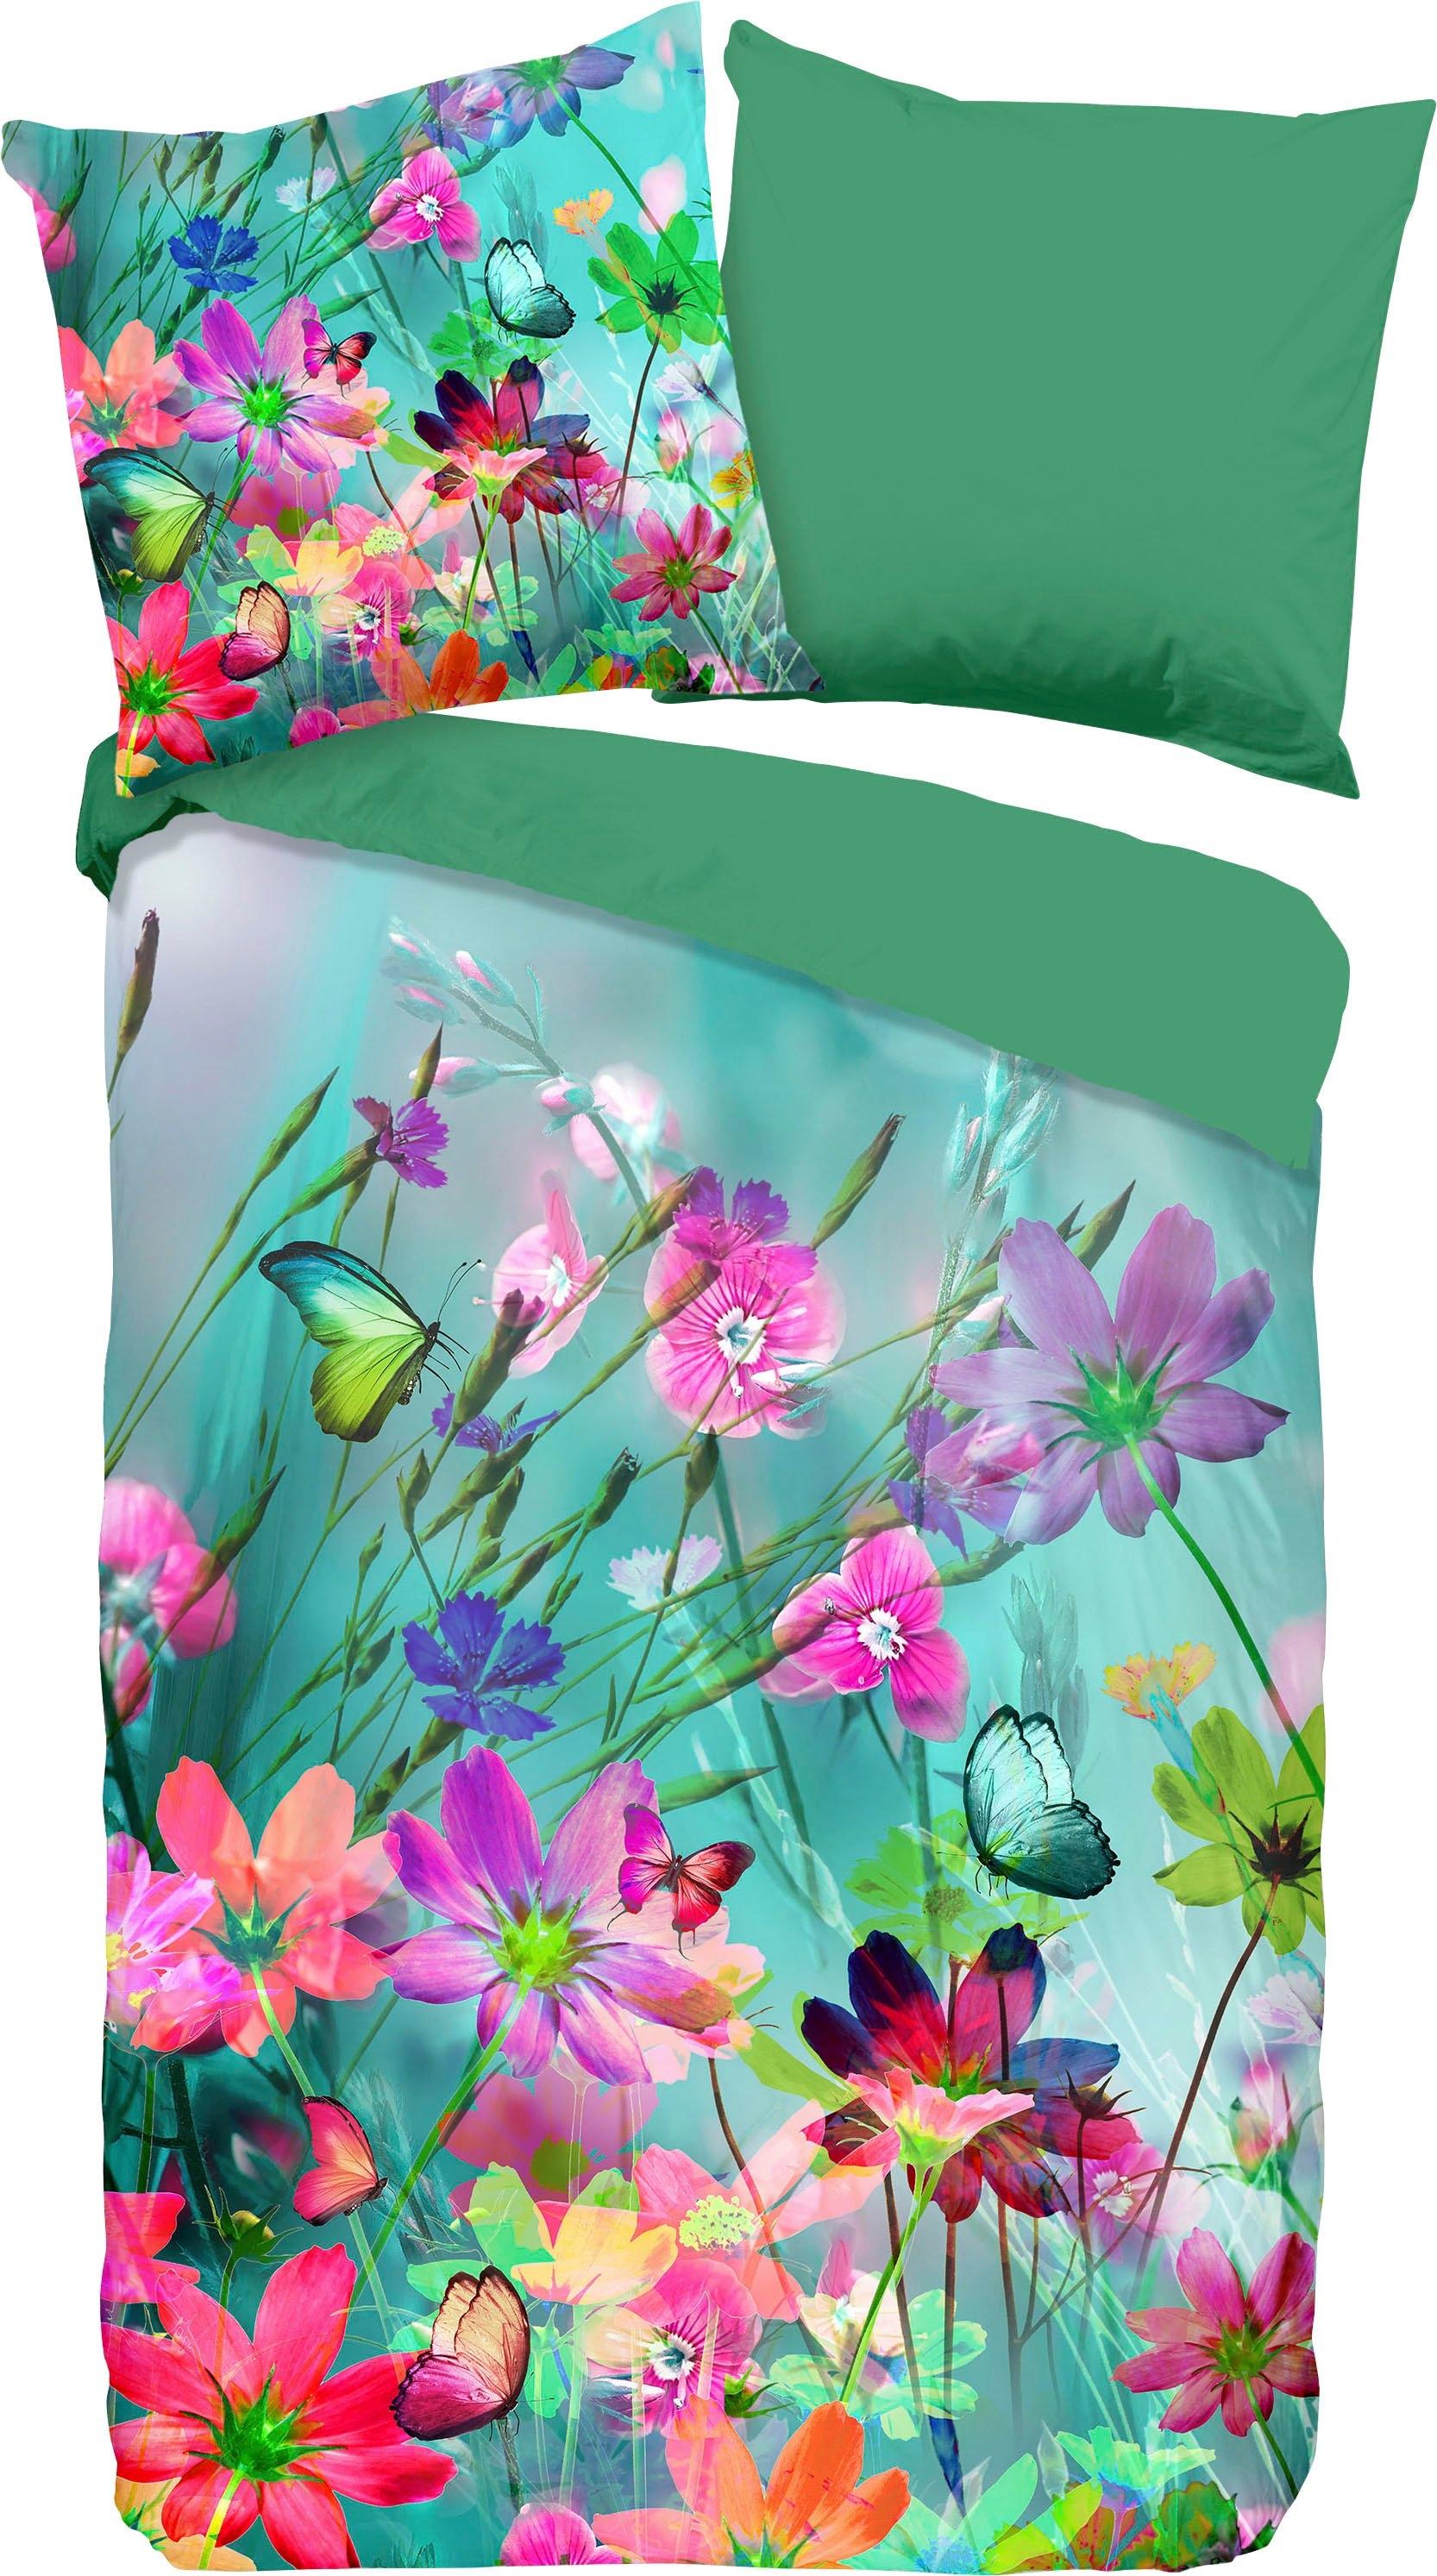 good morning tweezijdig te gebruiken overtrekset Belle met bloemen (2-delig) - verschillende betaalmethodes